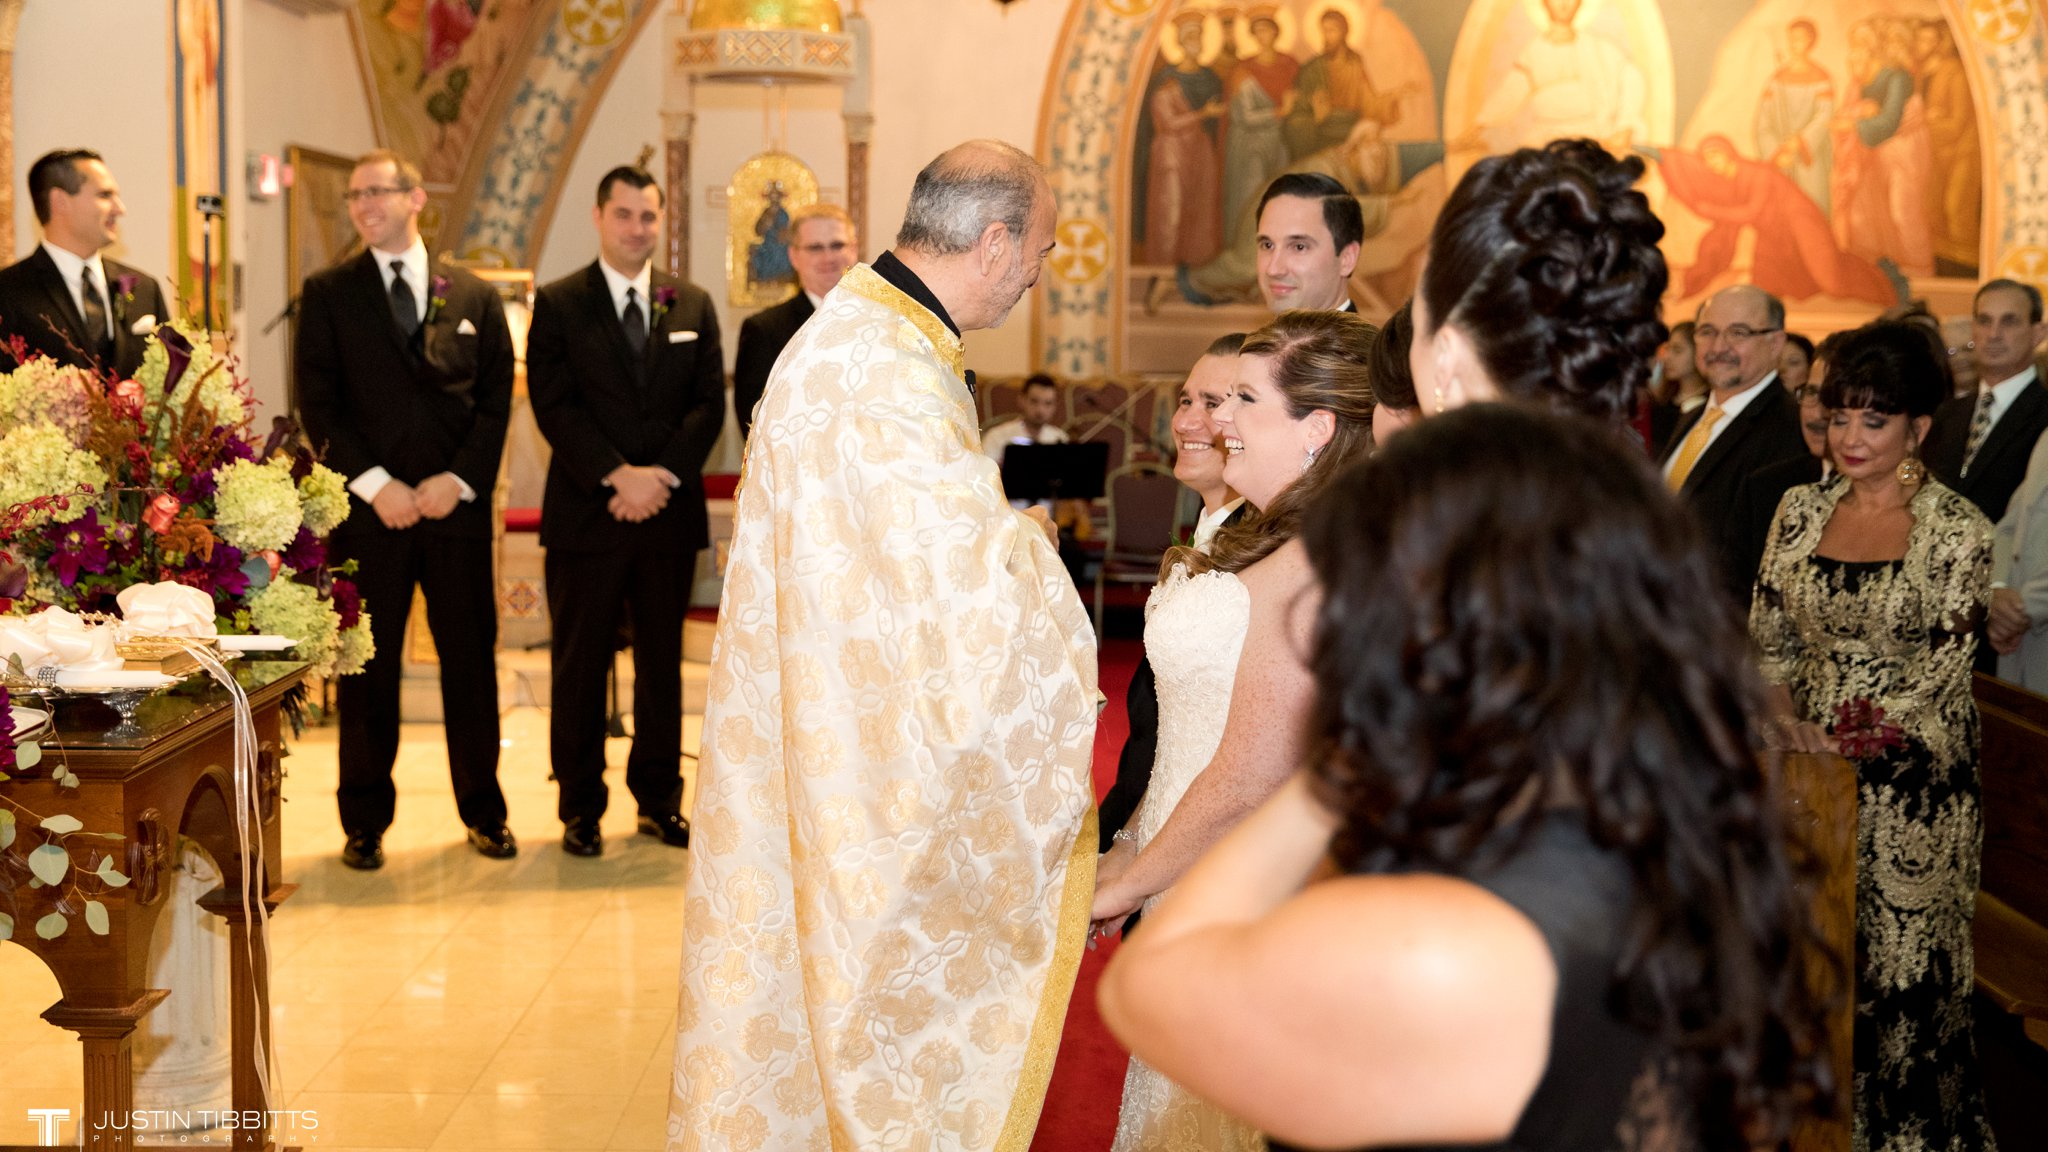 Hall of Springs Wedding Photos with Amanda and Jon-Michael_0047